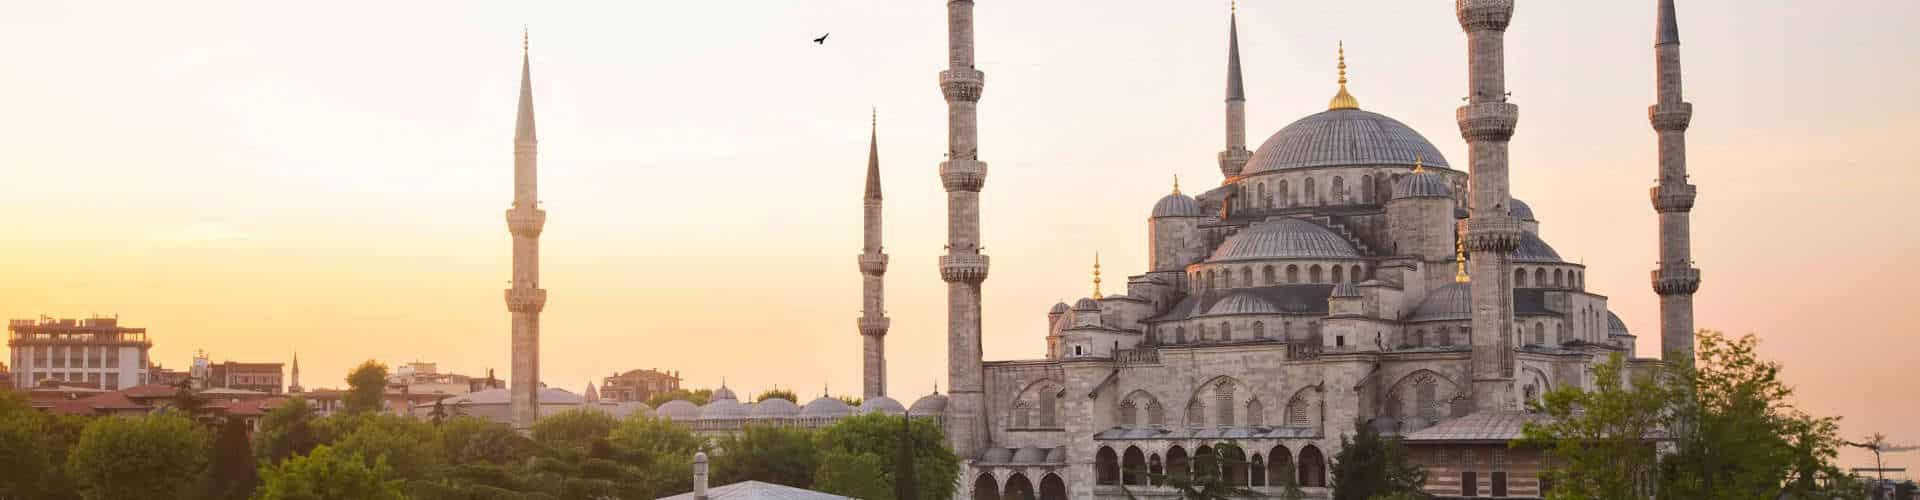 hvad hedder tyrkiets hovedstad